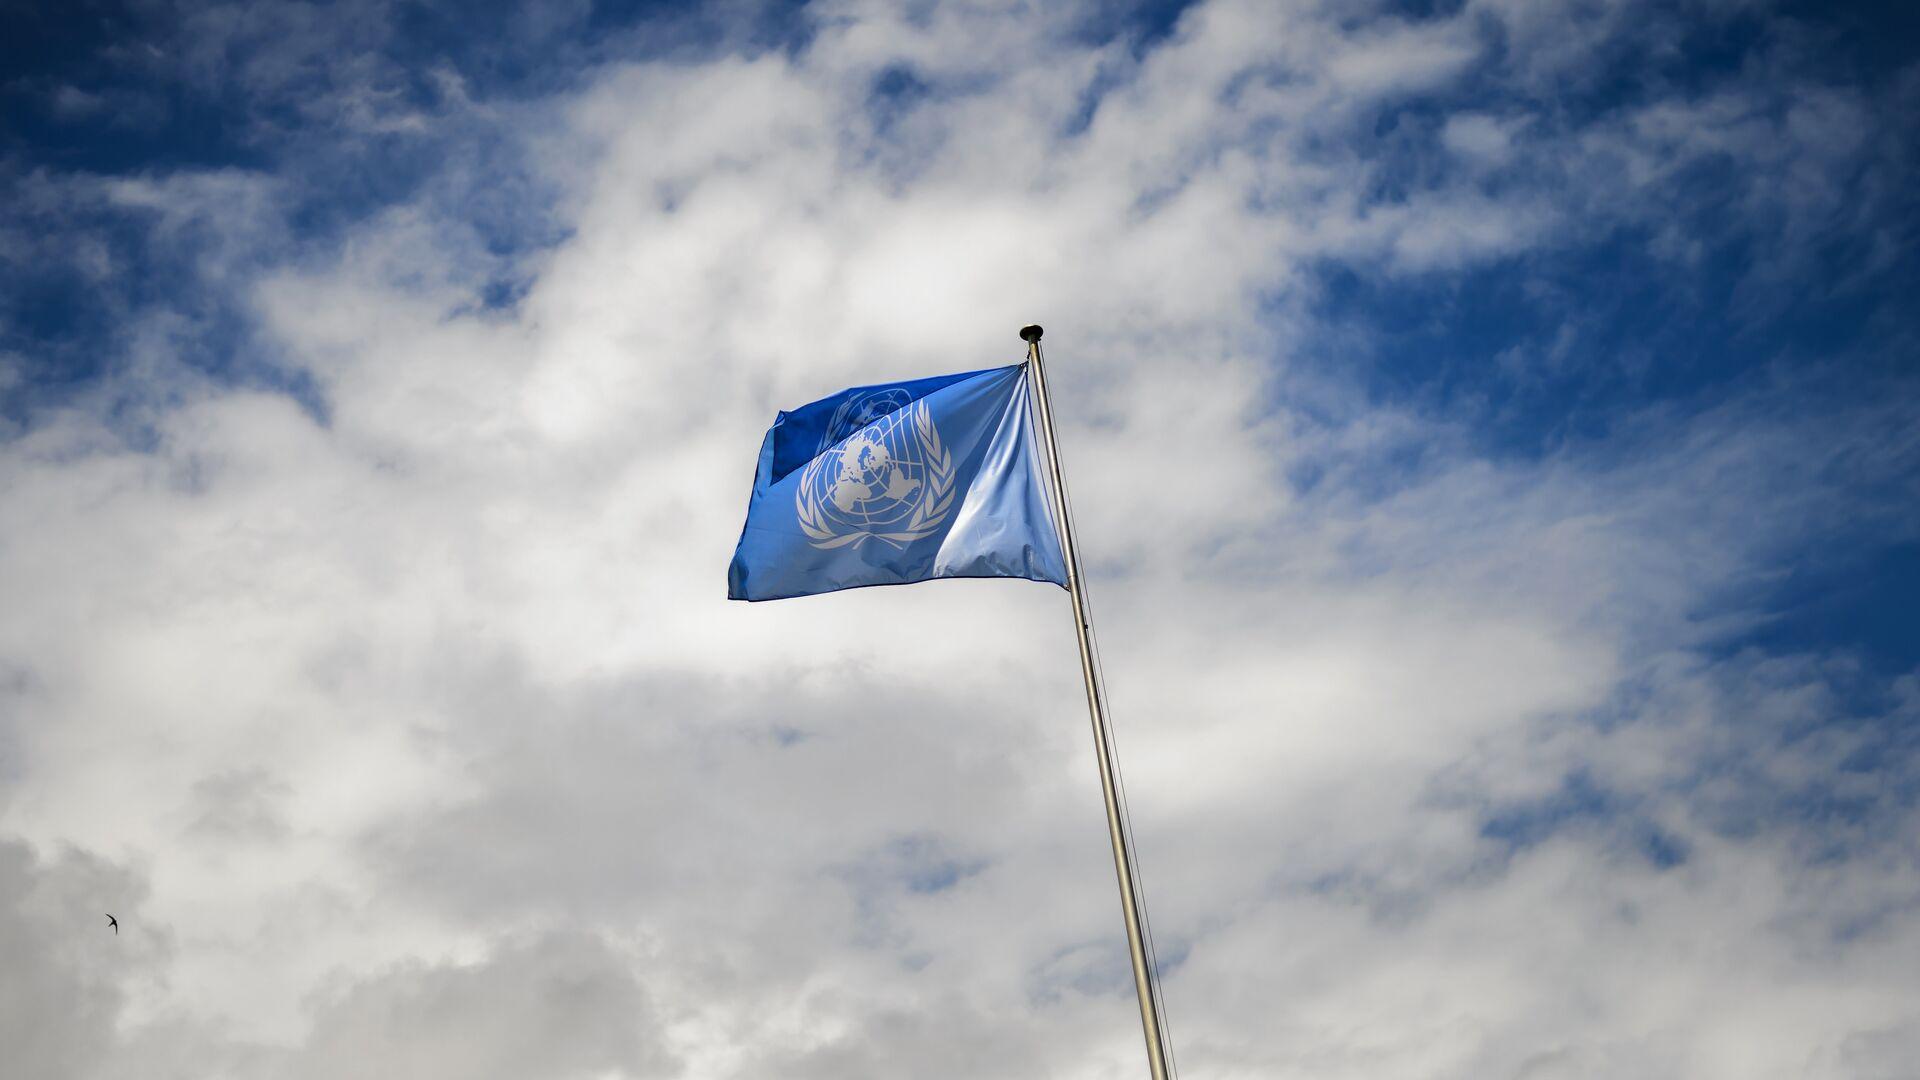 La bandera de la ONU - Sputnik Mundo, 1920, 23.02.2021